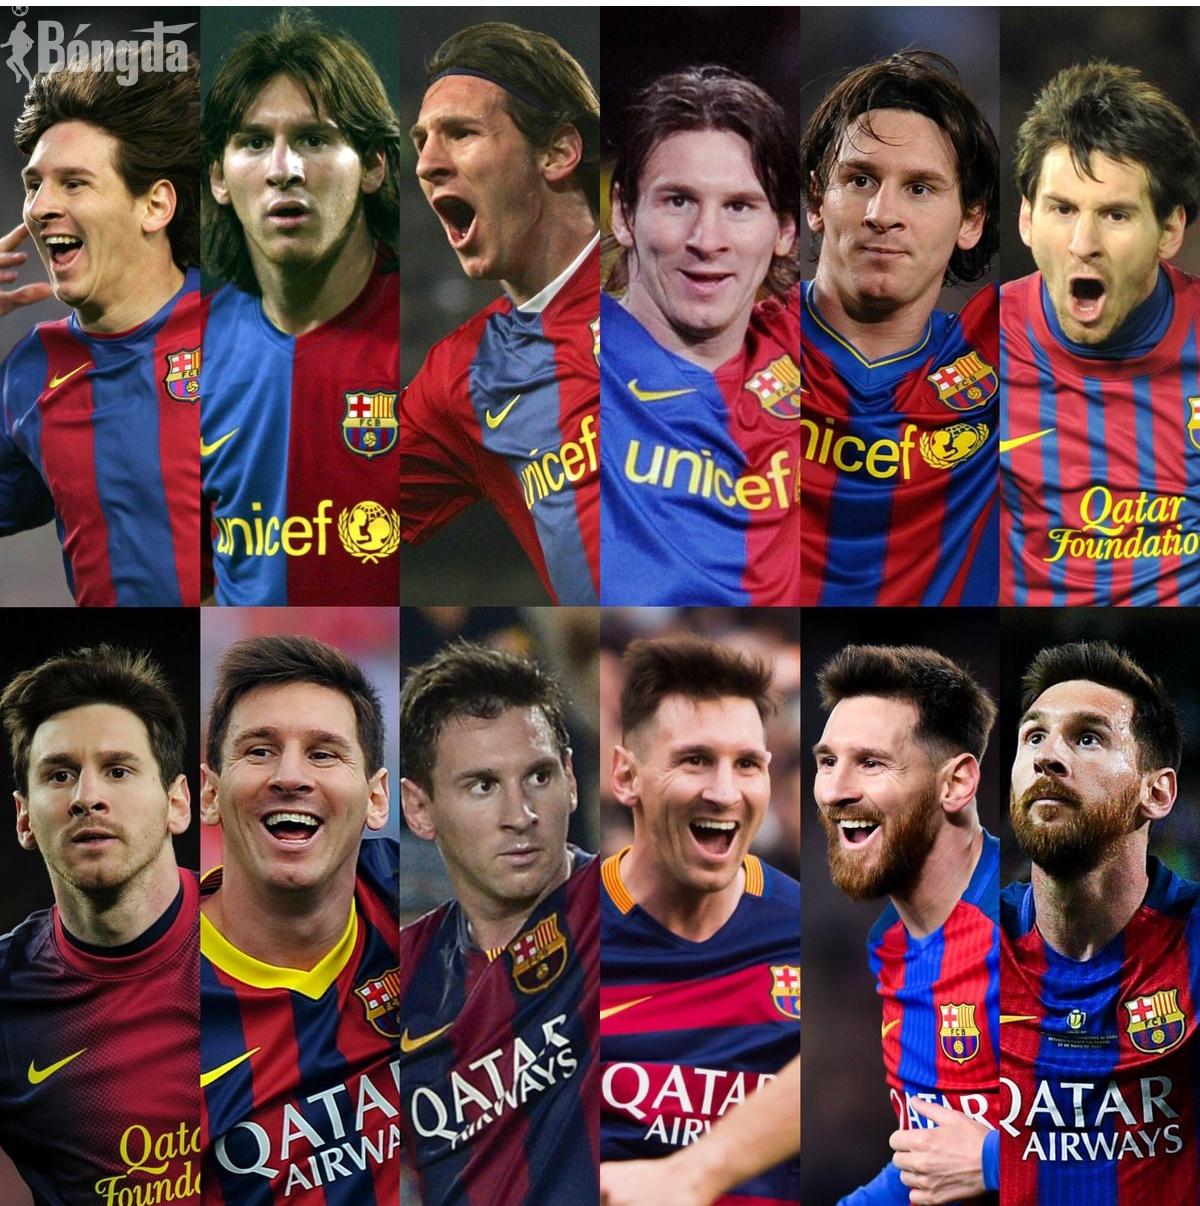 Tiết lộ chiều cao gây sốc của Lionel Messi: nhỏ nhưng có võ